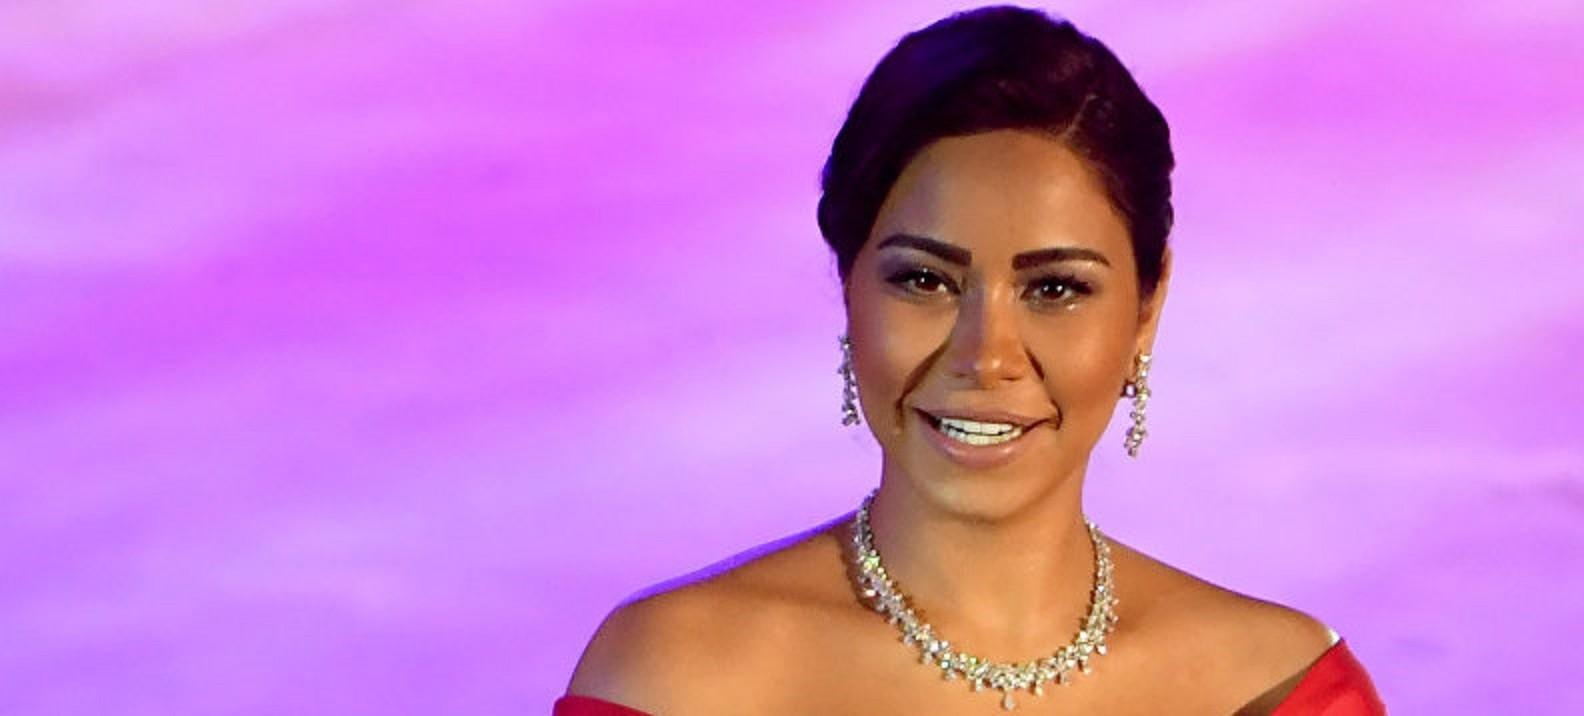 """شيرين عبد الوهاب تؤكد """"الفن لا جنسية له"""" وتغني باللهجة اللبنانية"""